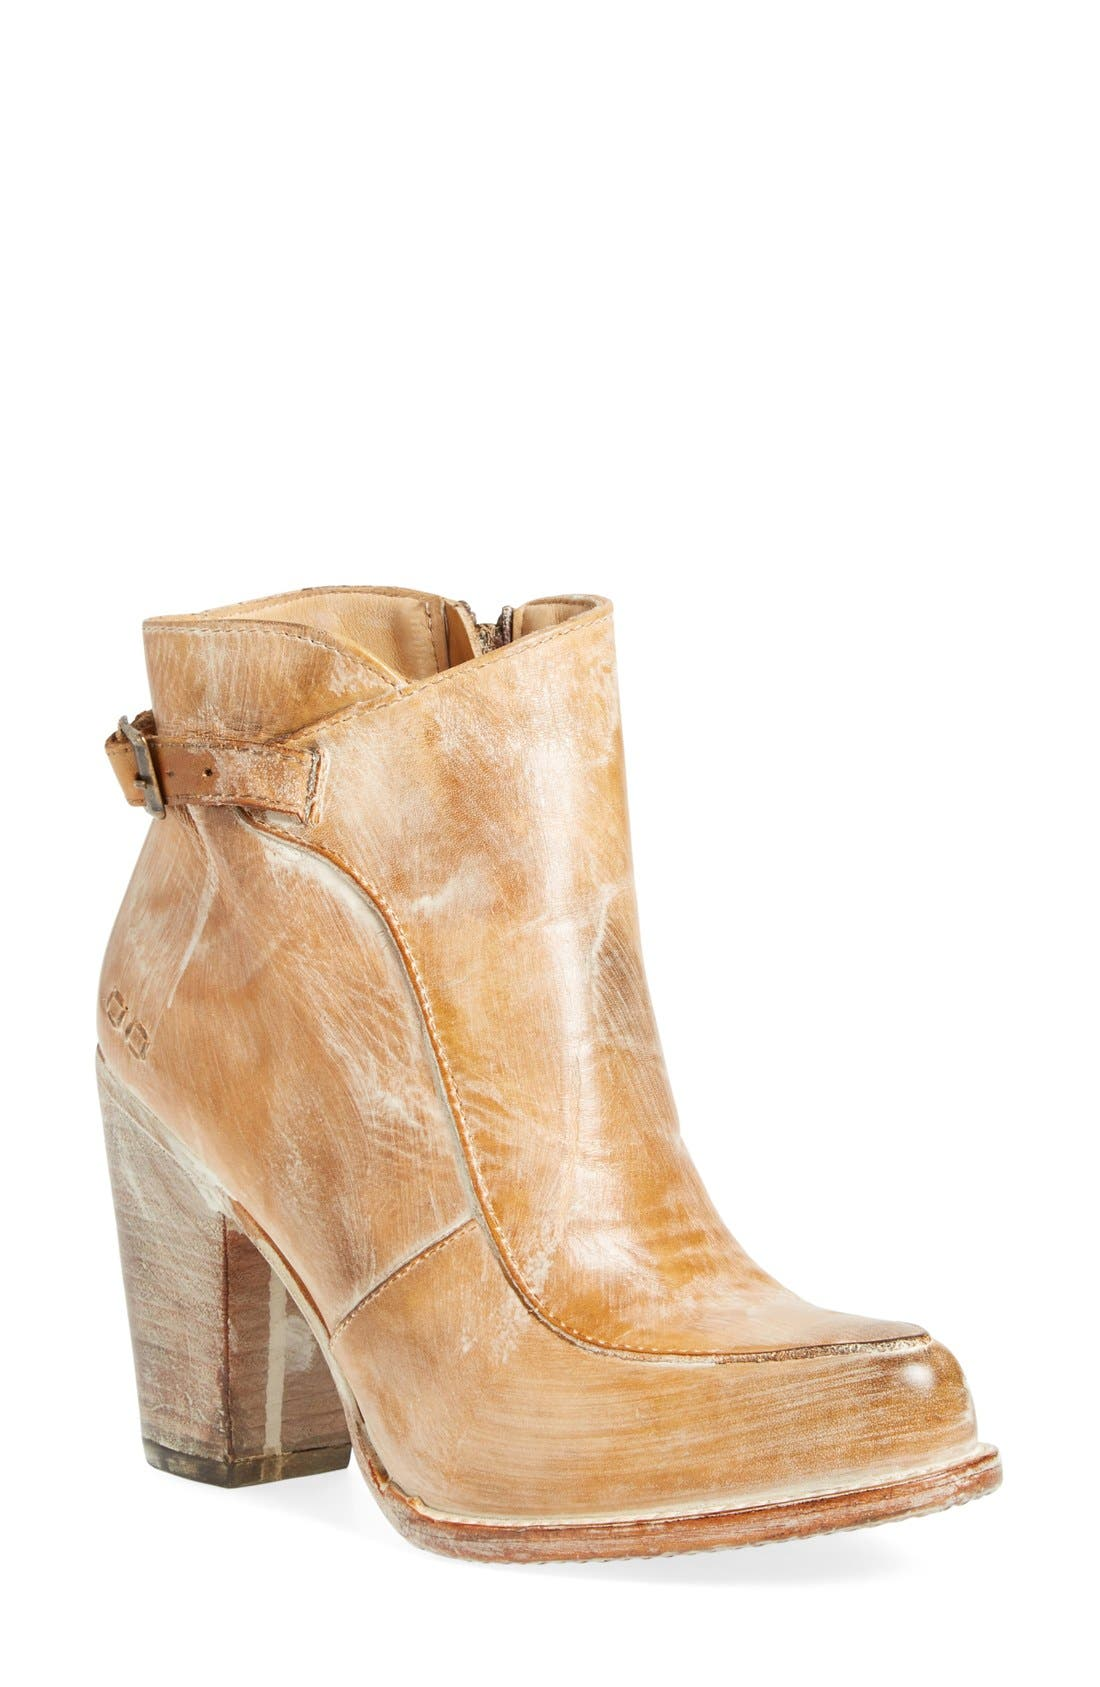 BED STU 'Isla' Stacked Heel Boot